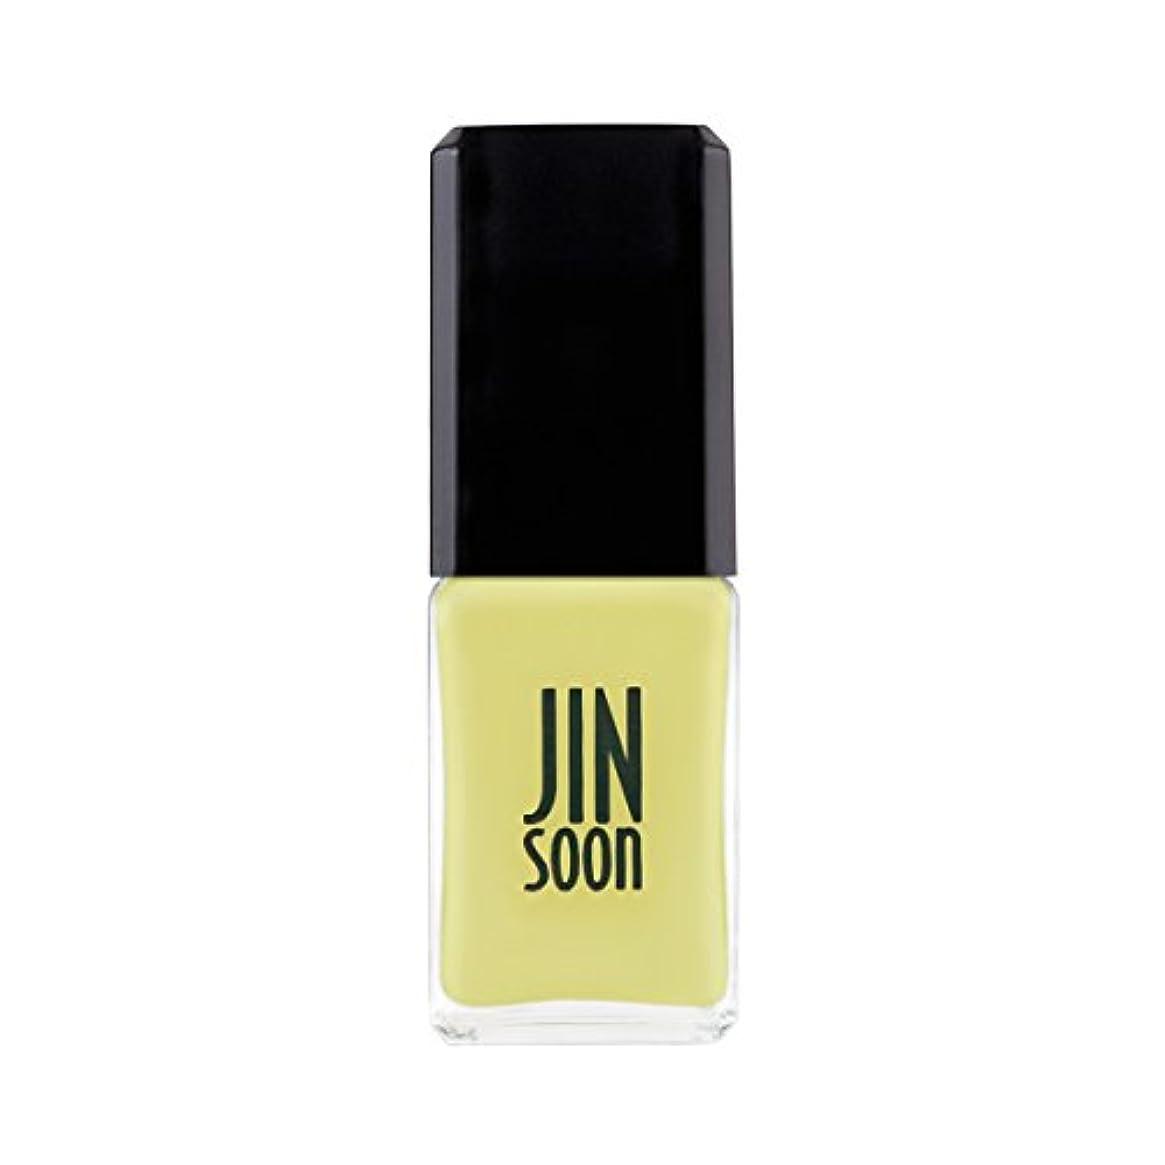 原稿災難現実的[ジンスーン] [ jinsoon] シャルム Charme ジンスーンネイルポリッシュ 爪に優しい成分 11mL